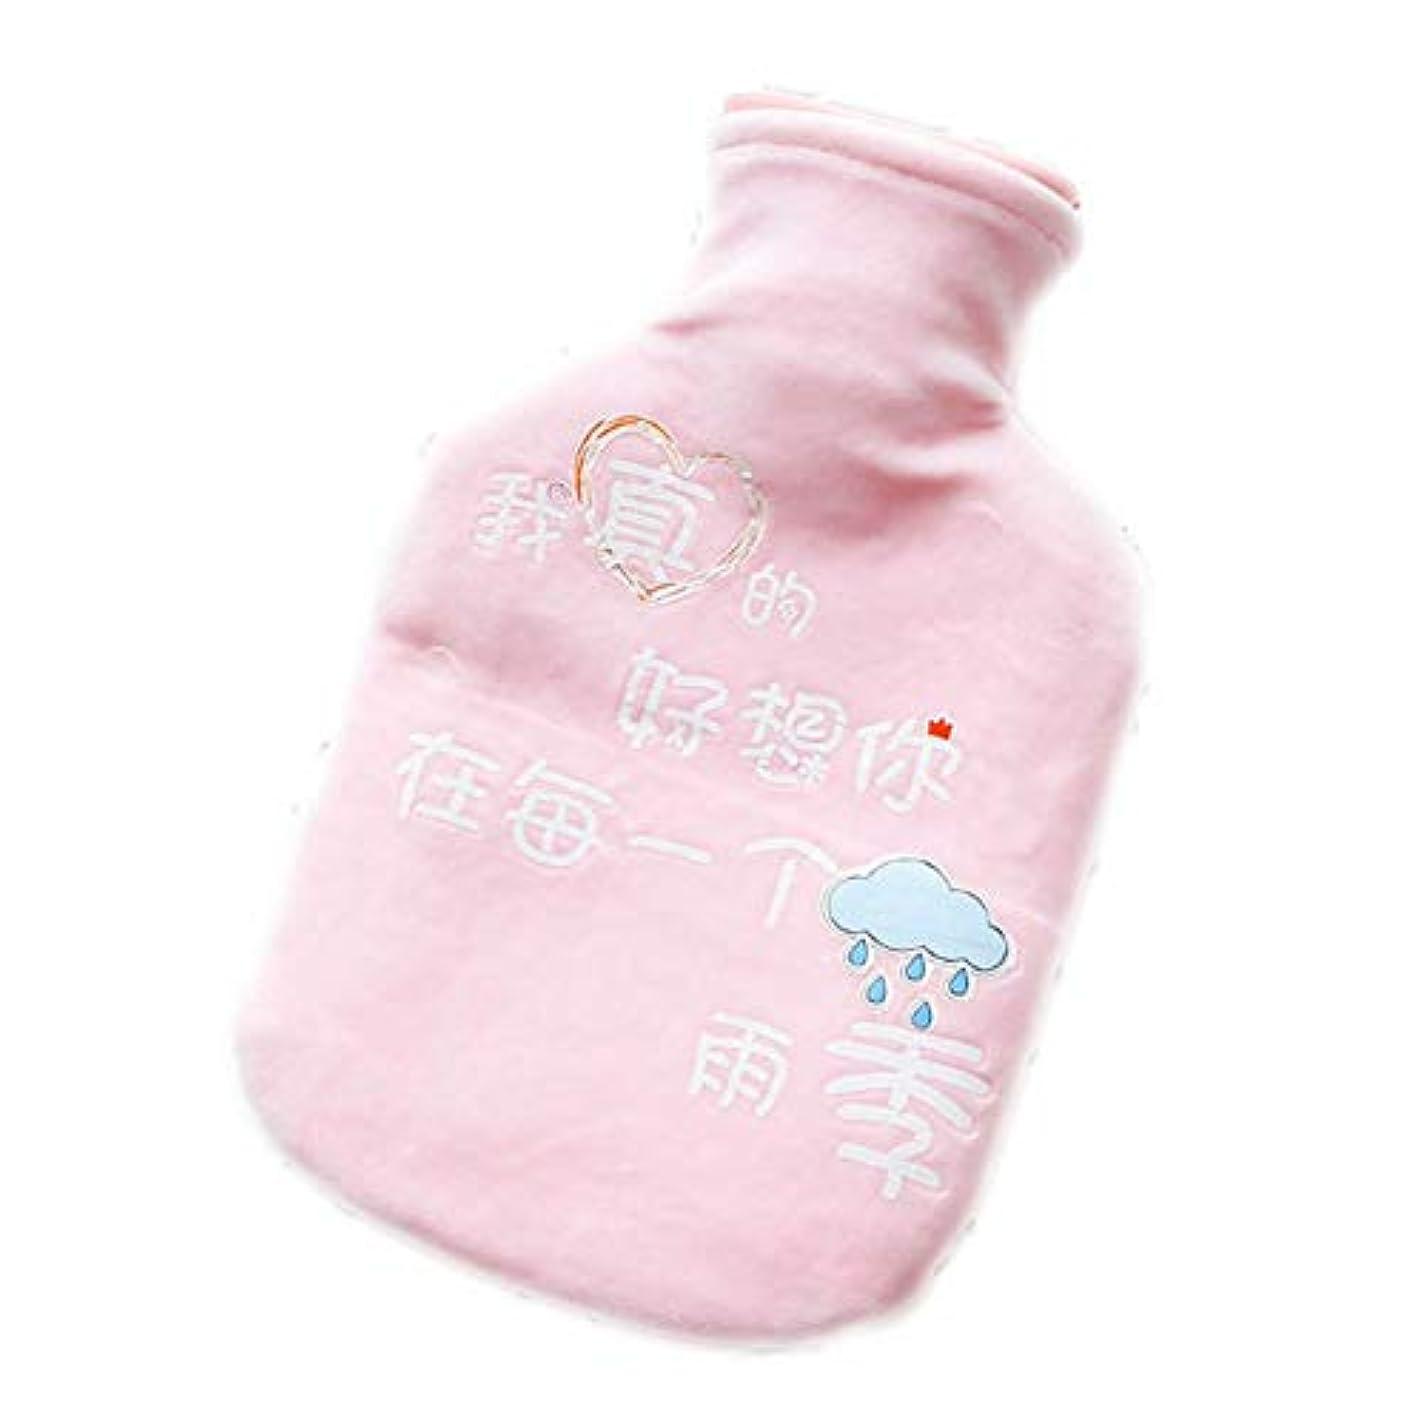 ウッズゴネリル引き渡すかわいい湯たんぽミニハンドウォーマー750ミリリットルの学生女性の温水バッグ